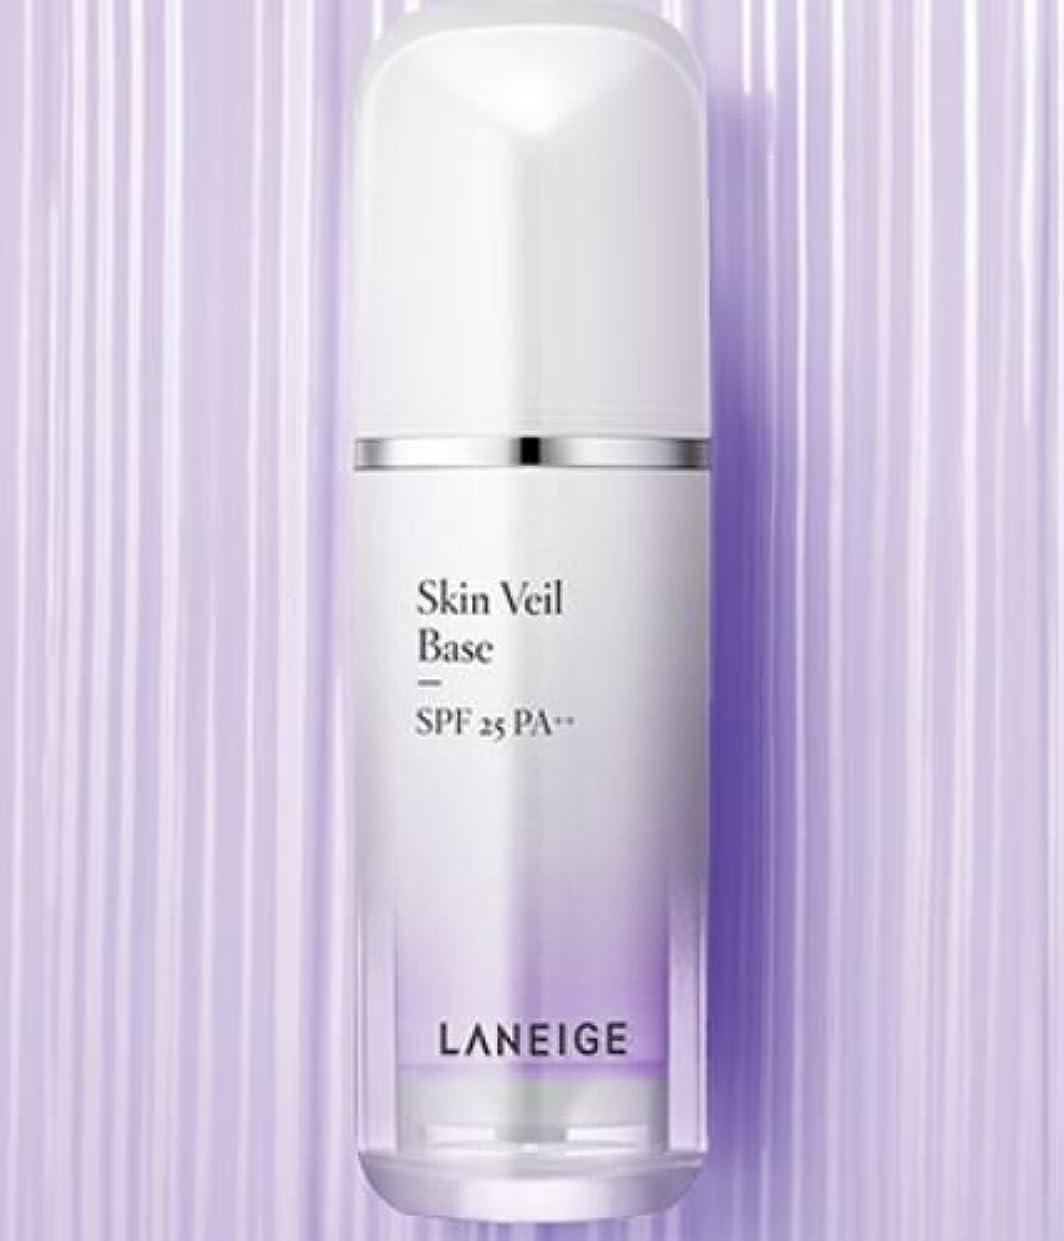 ステレオタイプ抽象小道具[LANEIGE] Skin Veil Base SPF25 PA++ 30ml/[ラネージュ]スキンベールベース SPF25 PA++ 30ml (# 40 Pure Violet/ピュアバイオレット) [並行輸入品]